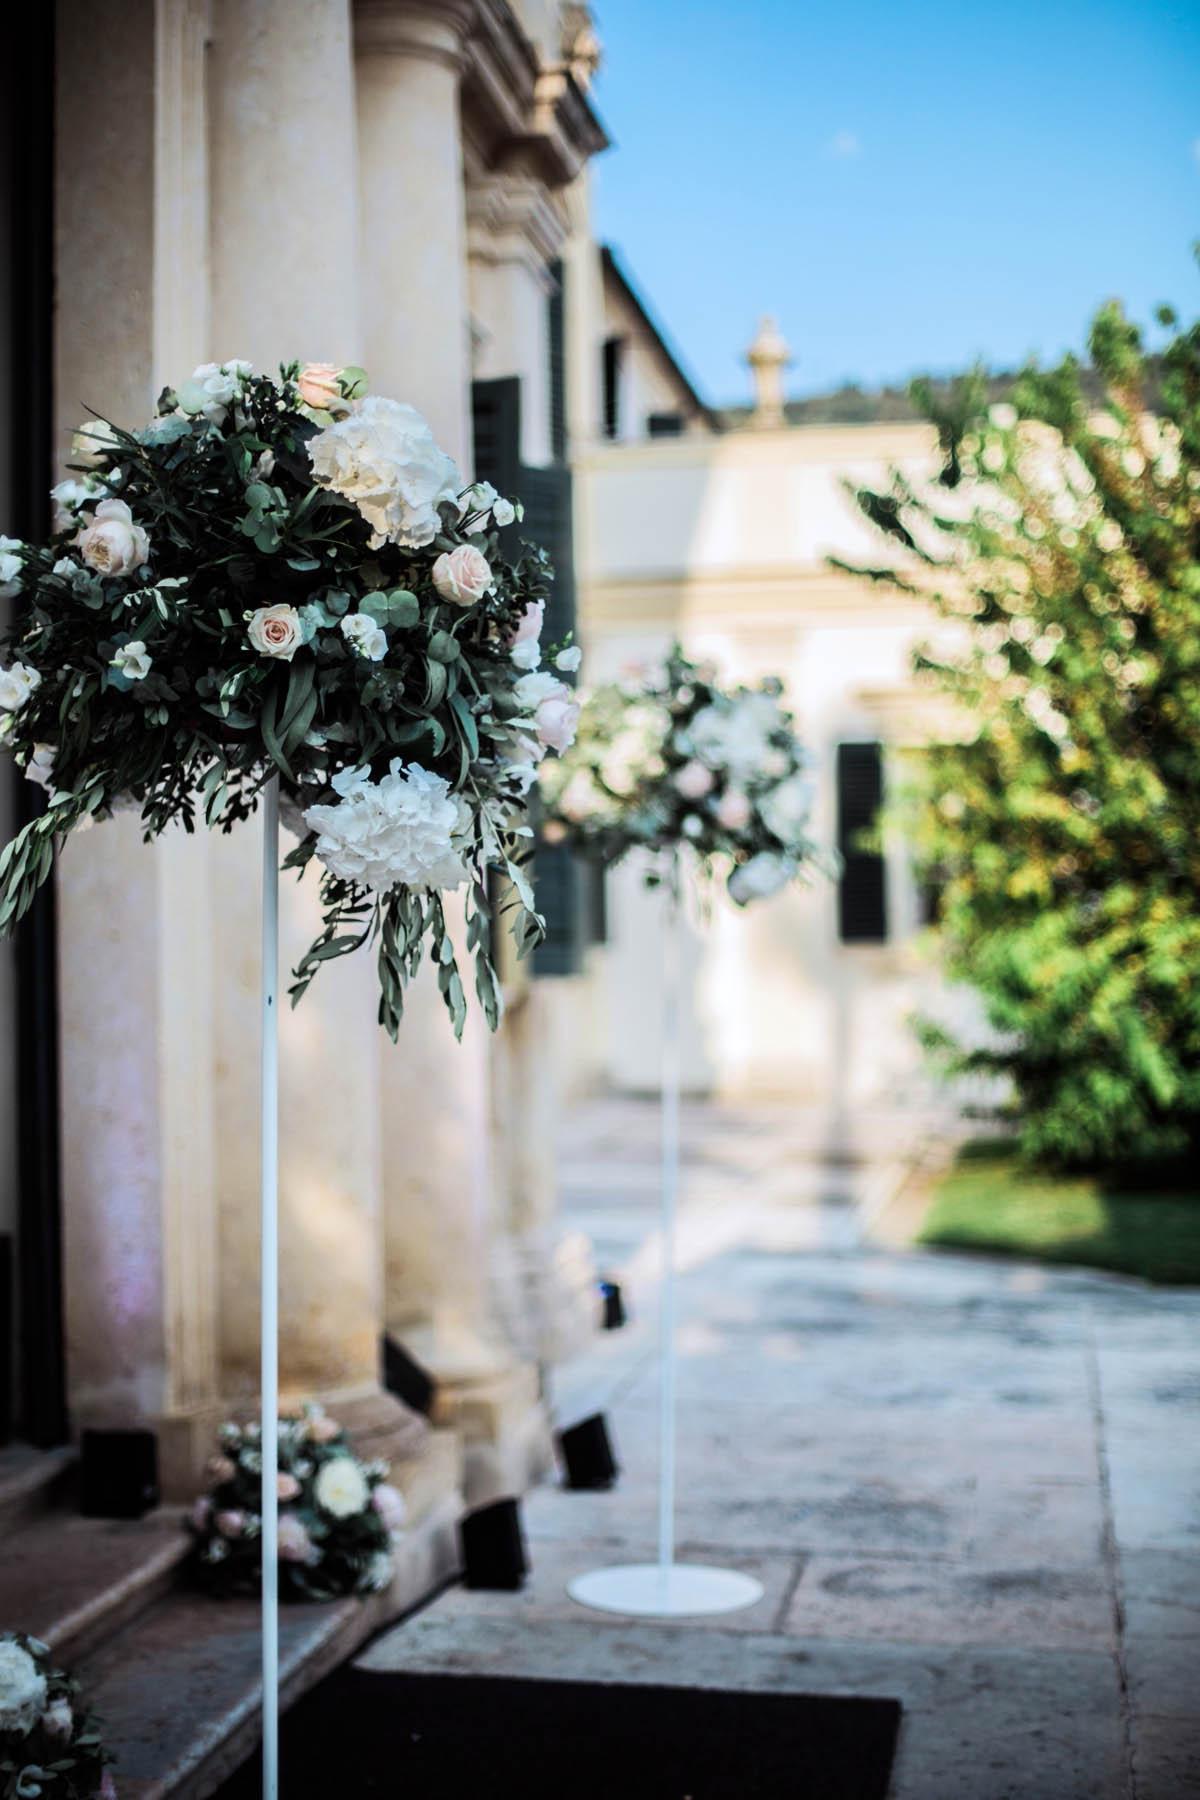 matrimonio vintage modern | the fashion wedding 23